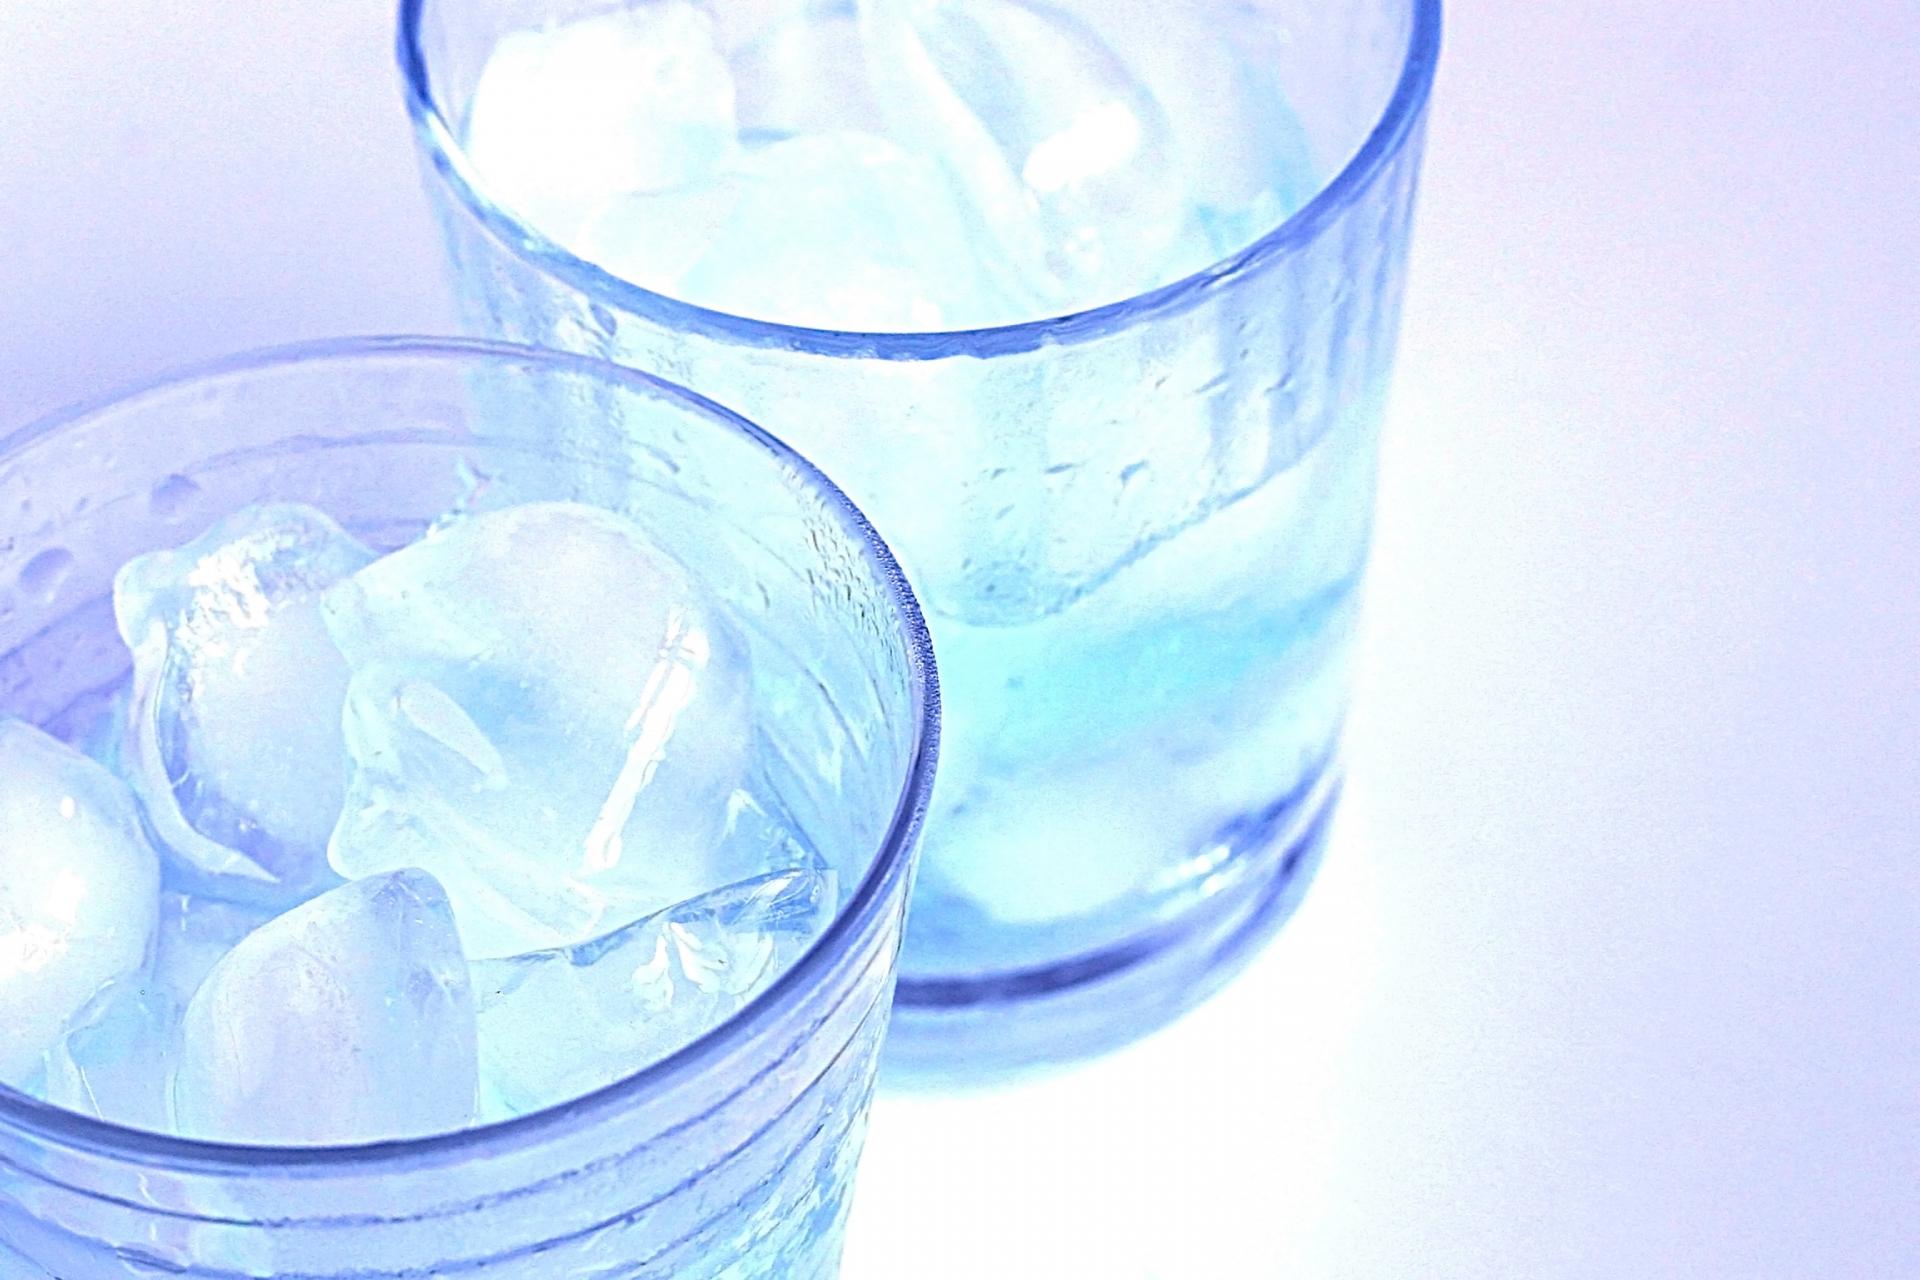 コーラやサイダーなどの炭酸飲料を泡立てずにコップに注ぐ